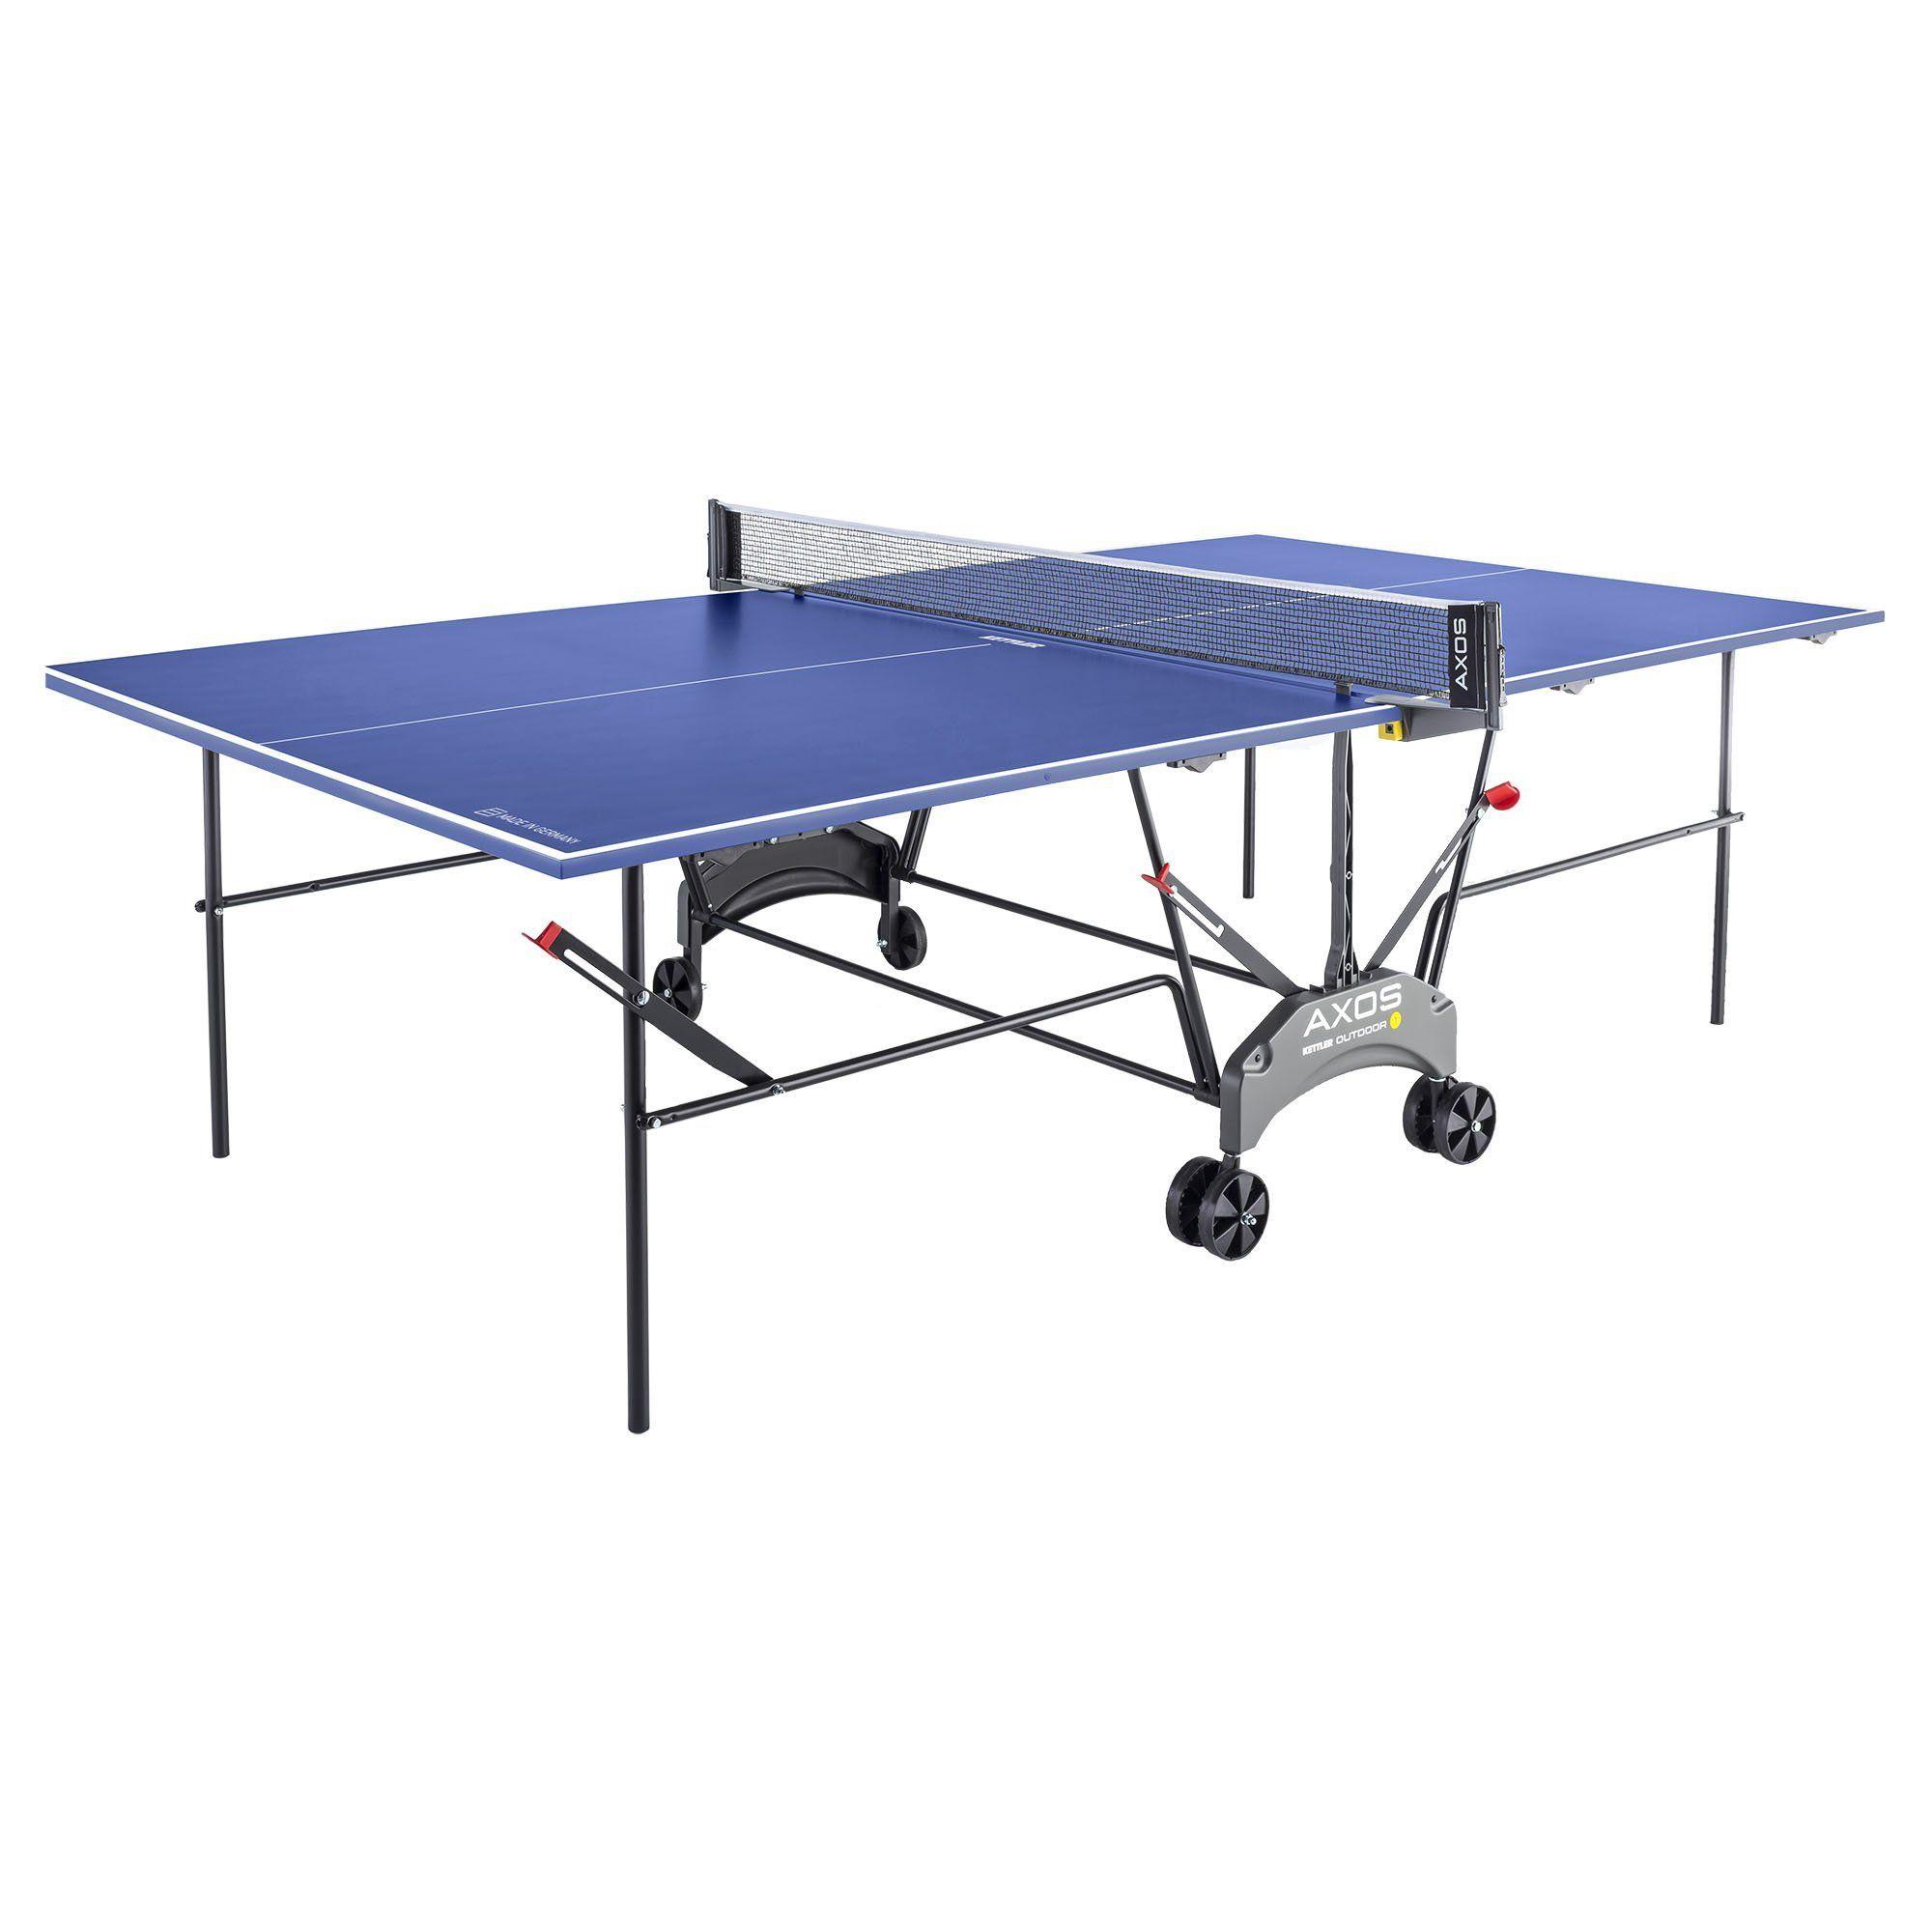 tischtennisplatte selber bauen > wie baut eine tischtennisplatte